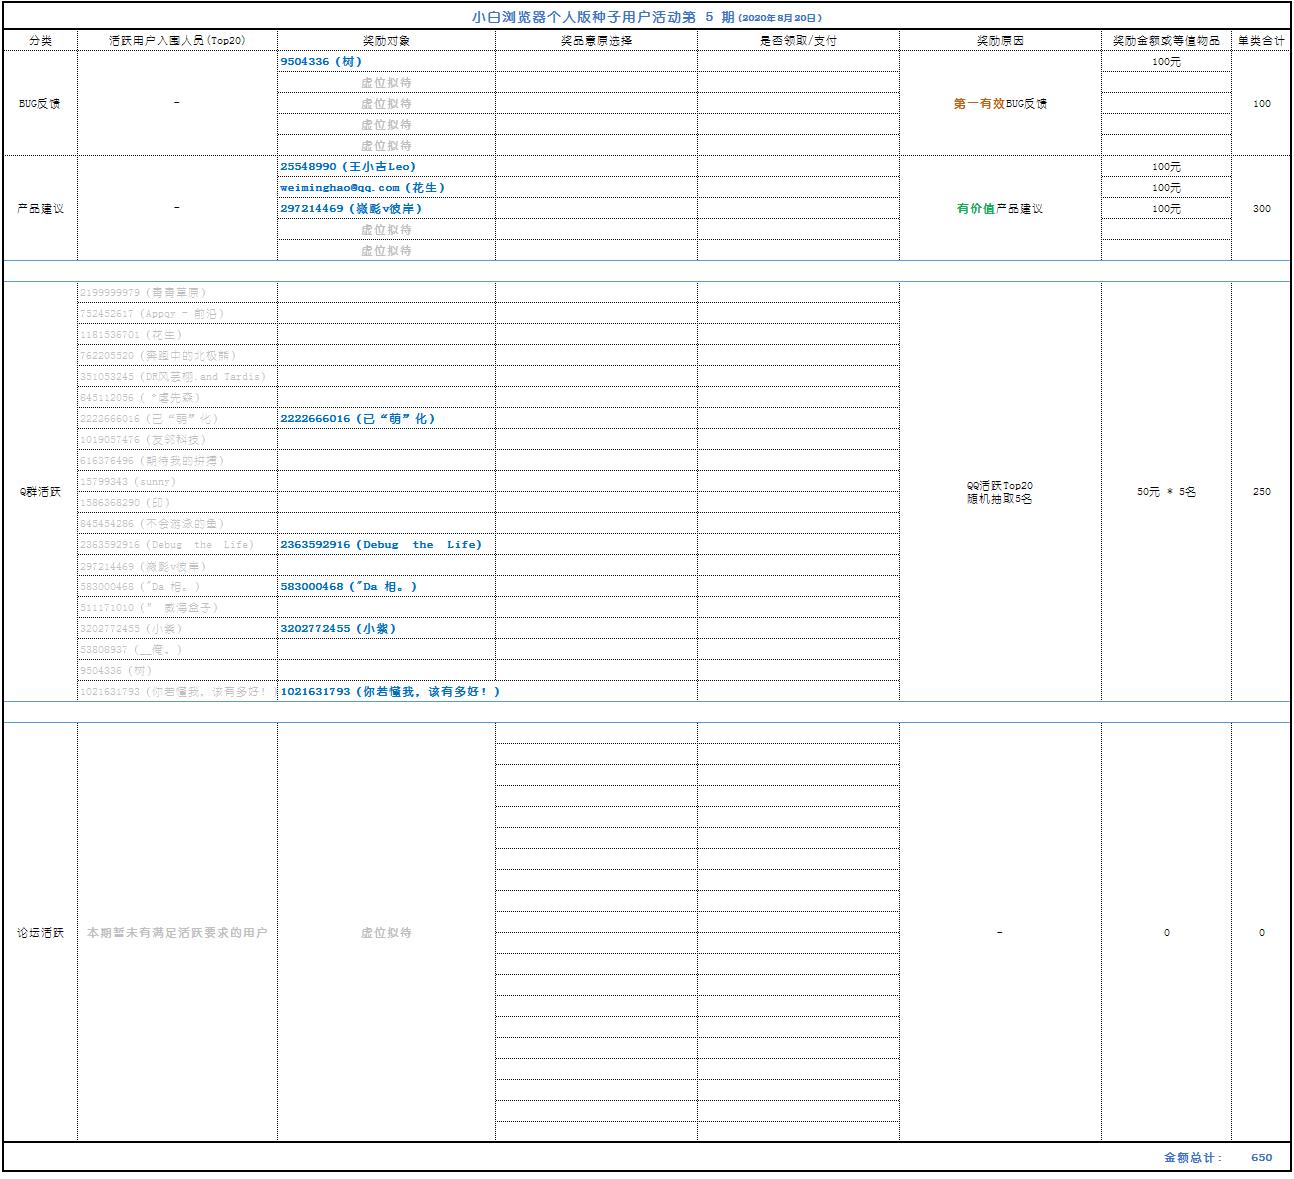 小白浏览器个人版种子用户活动第5期揭晓(8月21日)